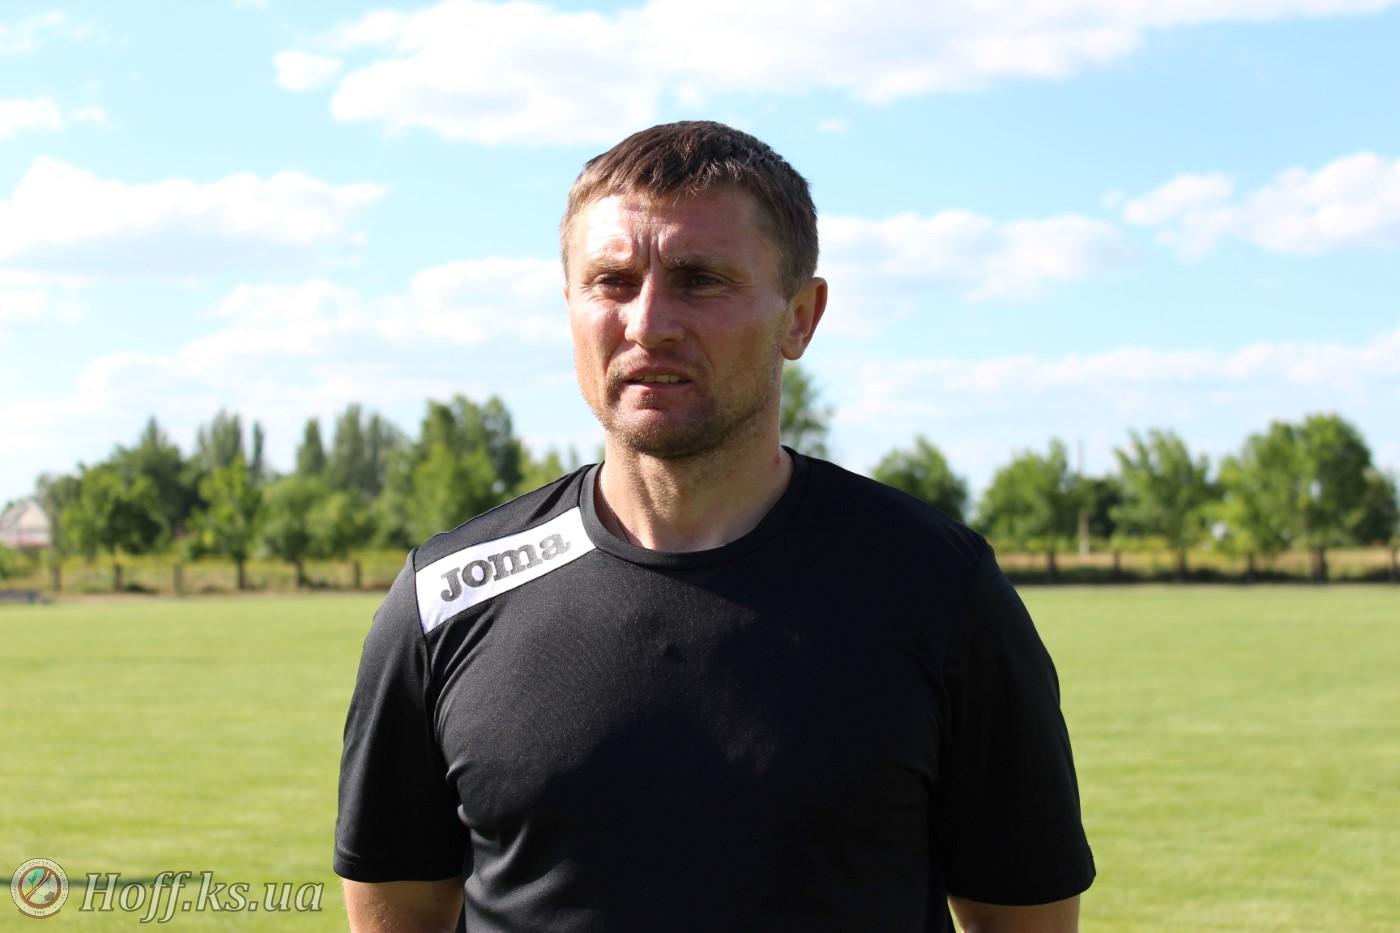 Післяматчевий коментар головного тренера команди «Титан» Чорнянка Андрія Столярчука